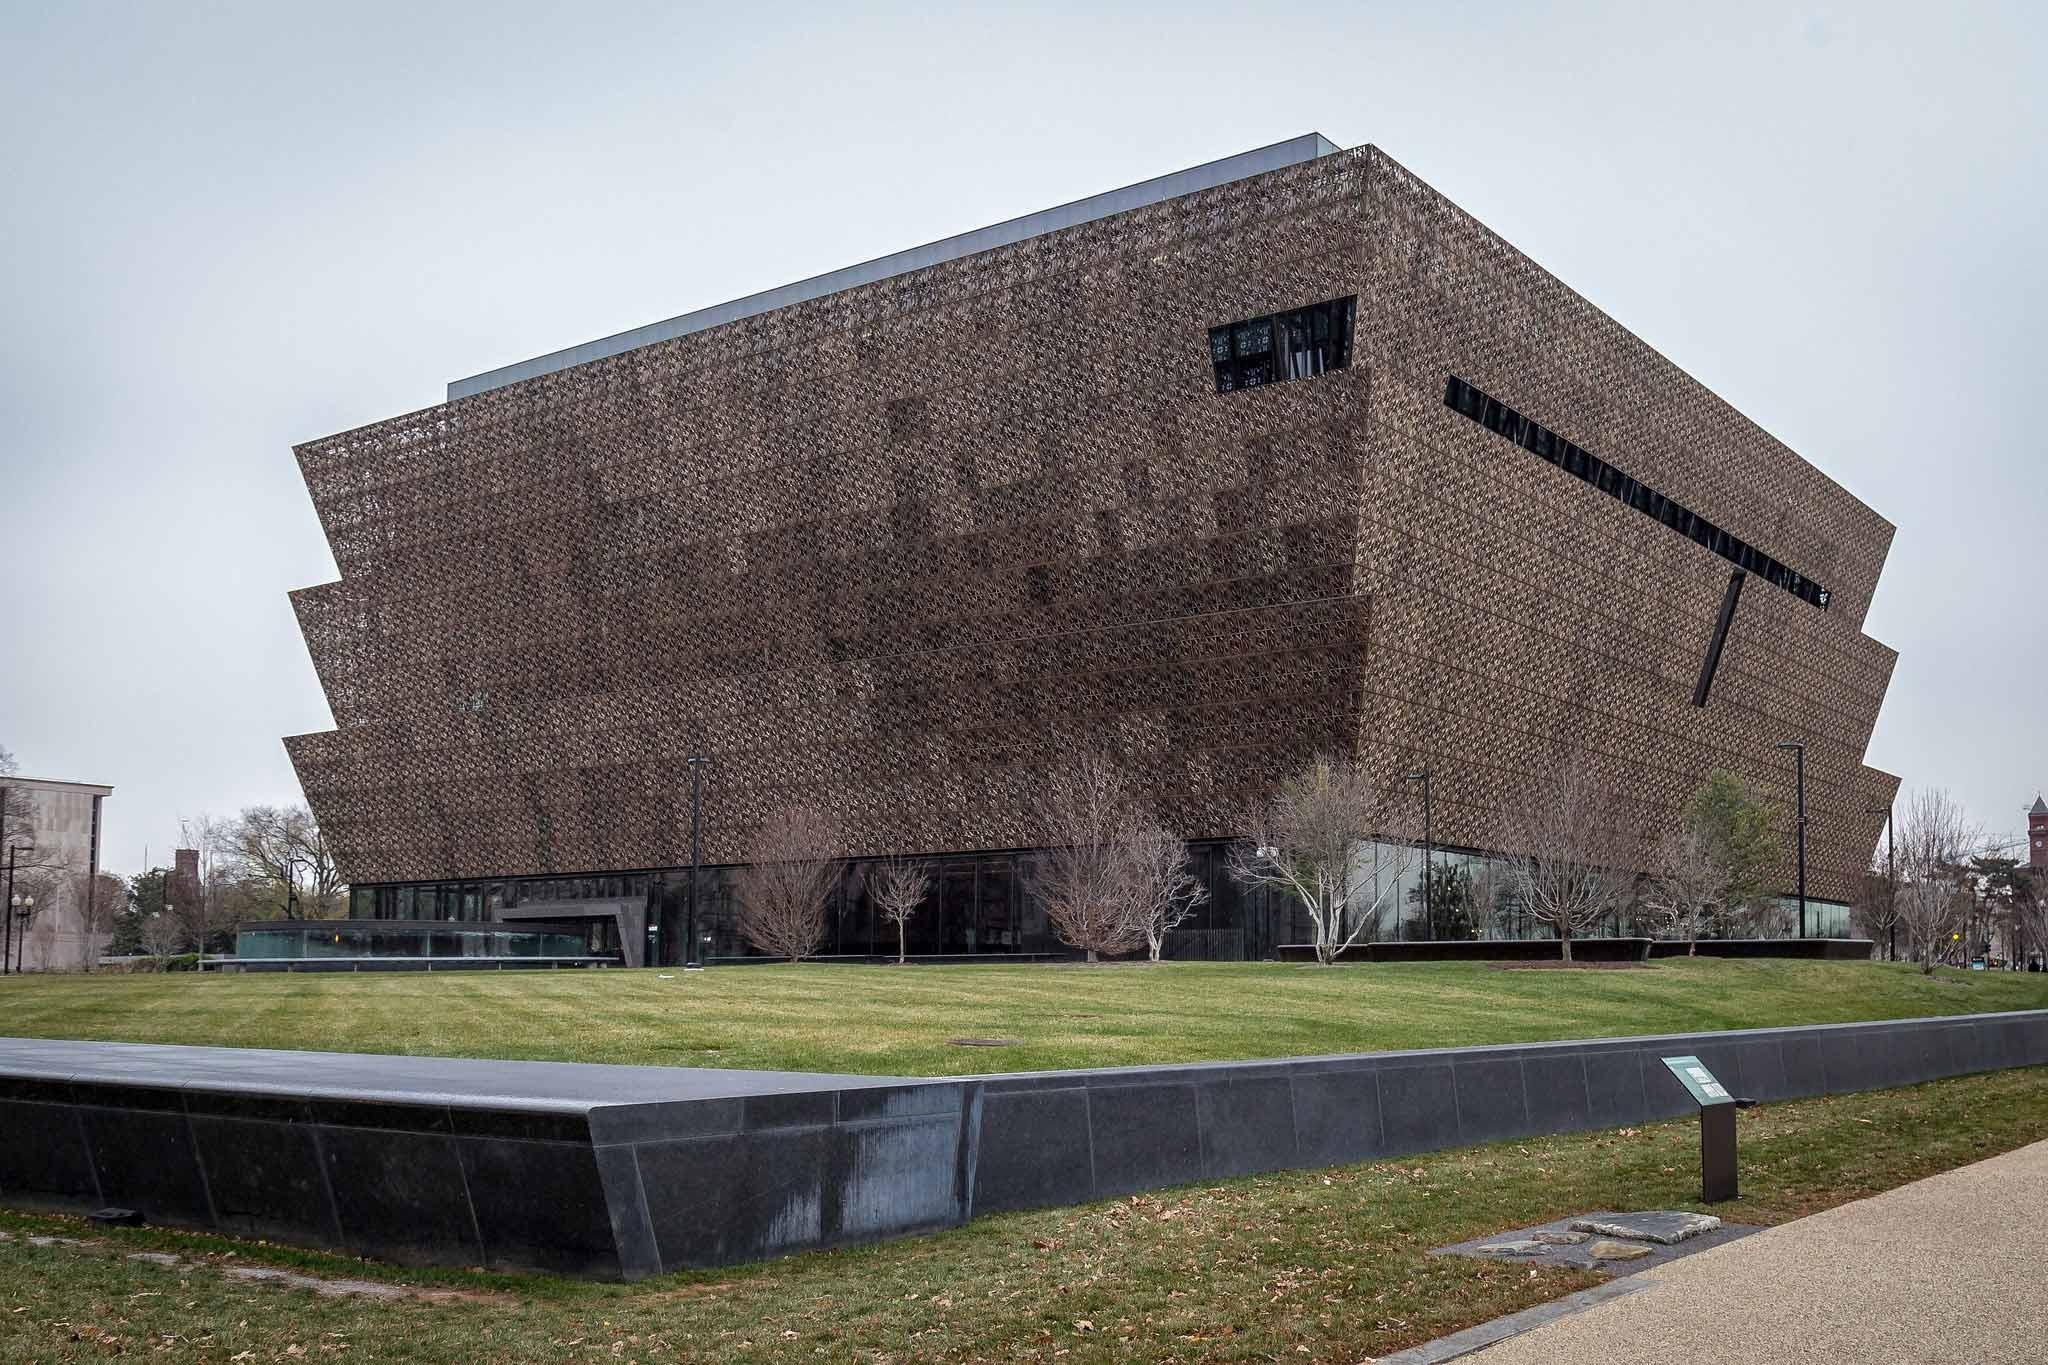 Nationalmuseum für Afrikanische Geschichte und Kultur in Washington